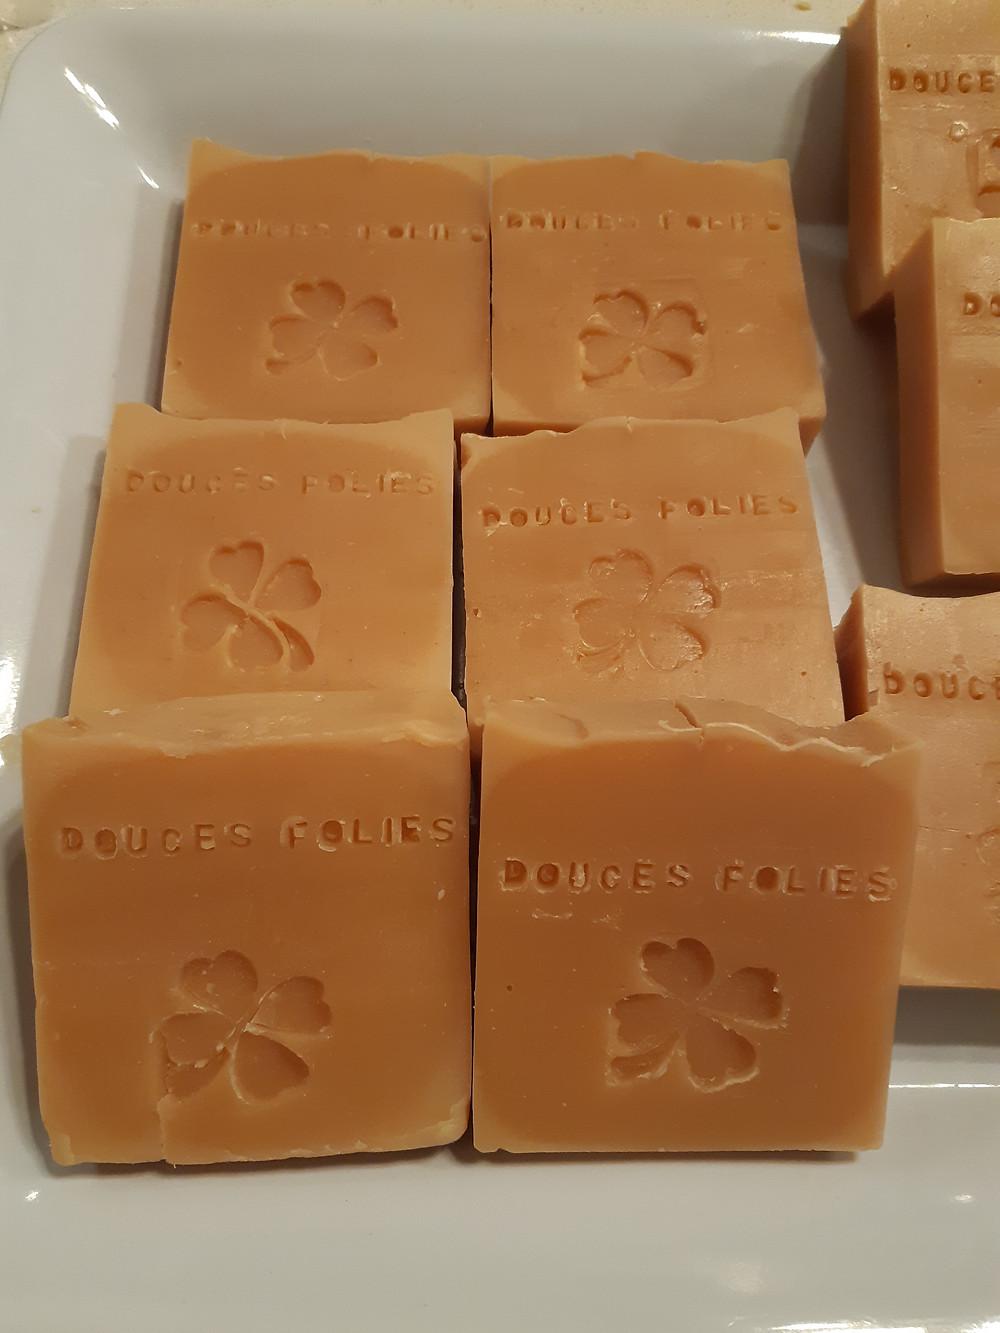 La seule présence d'une fragrance peut foncire le savon. La vanille provoque souvent ce phénomène que l'on retrouve ici.